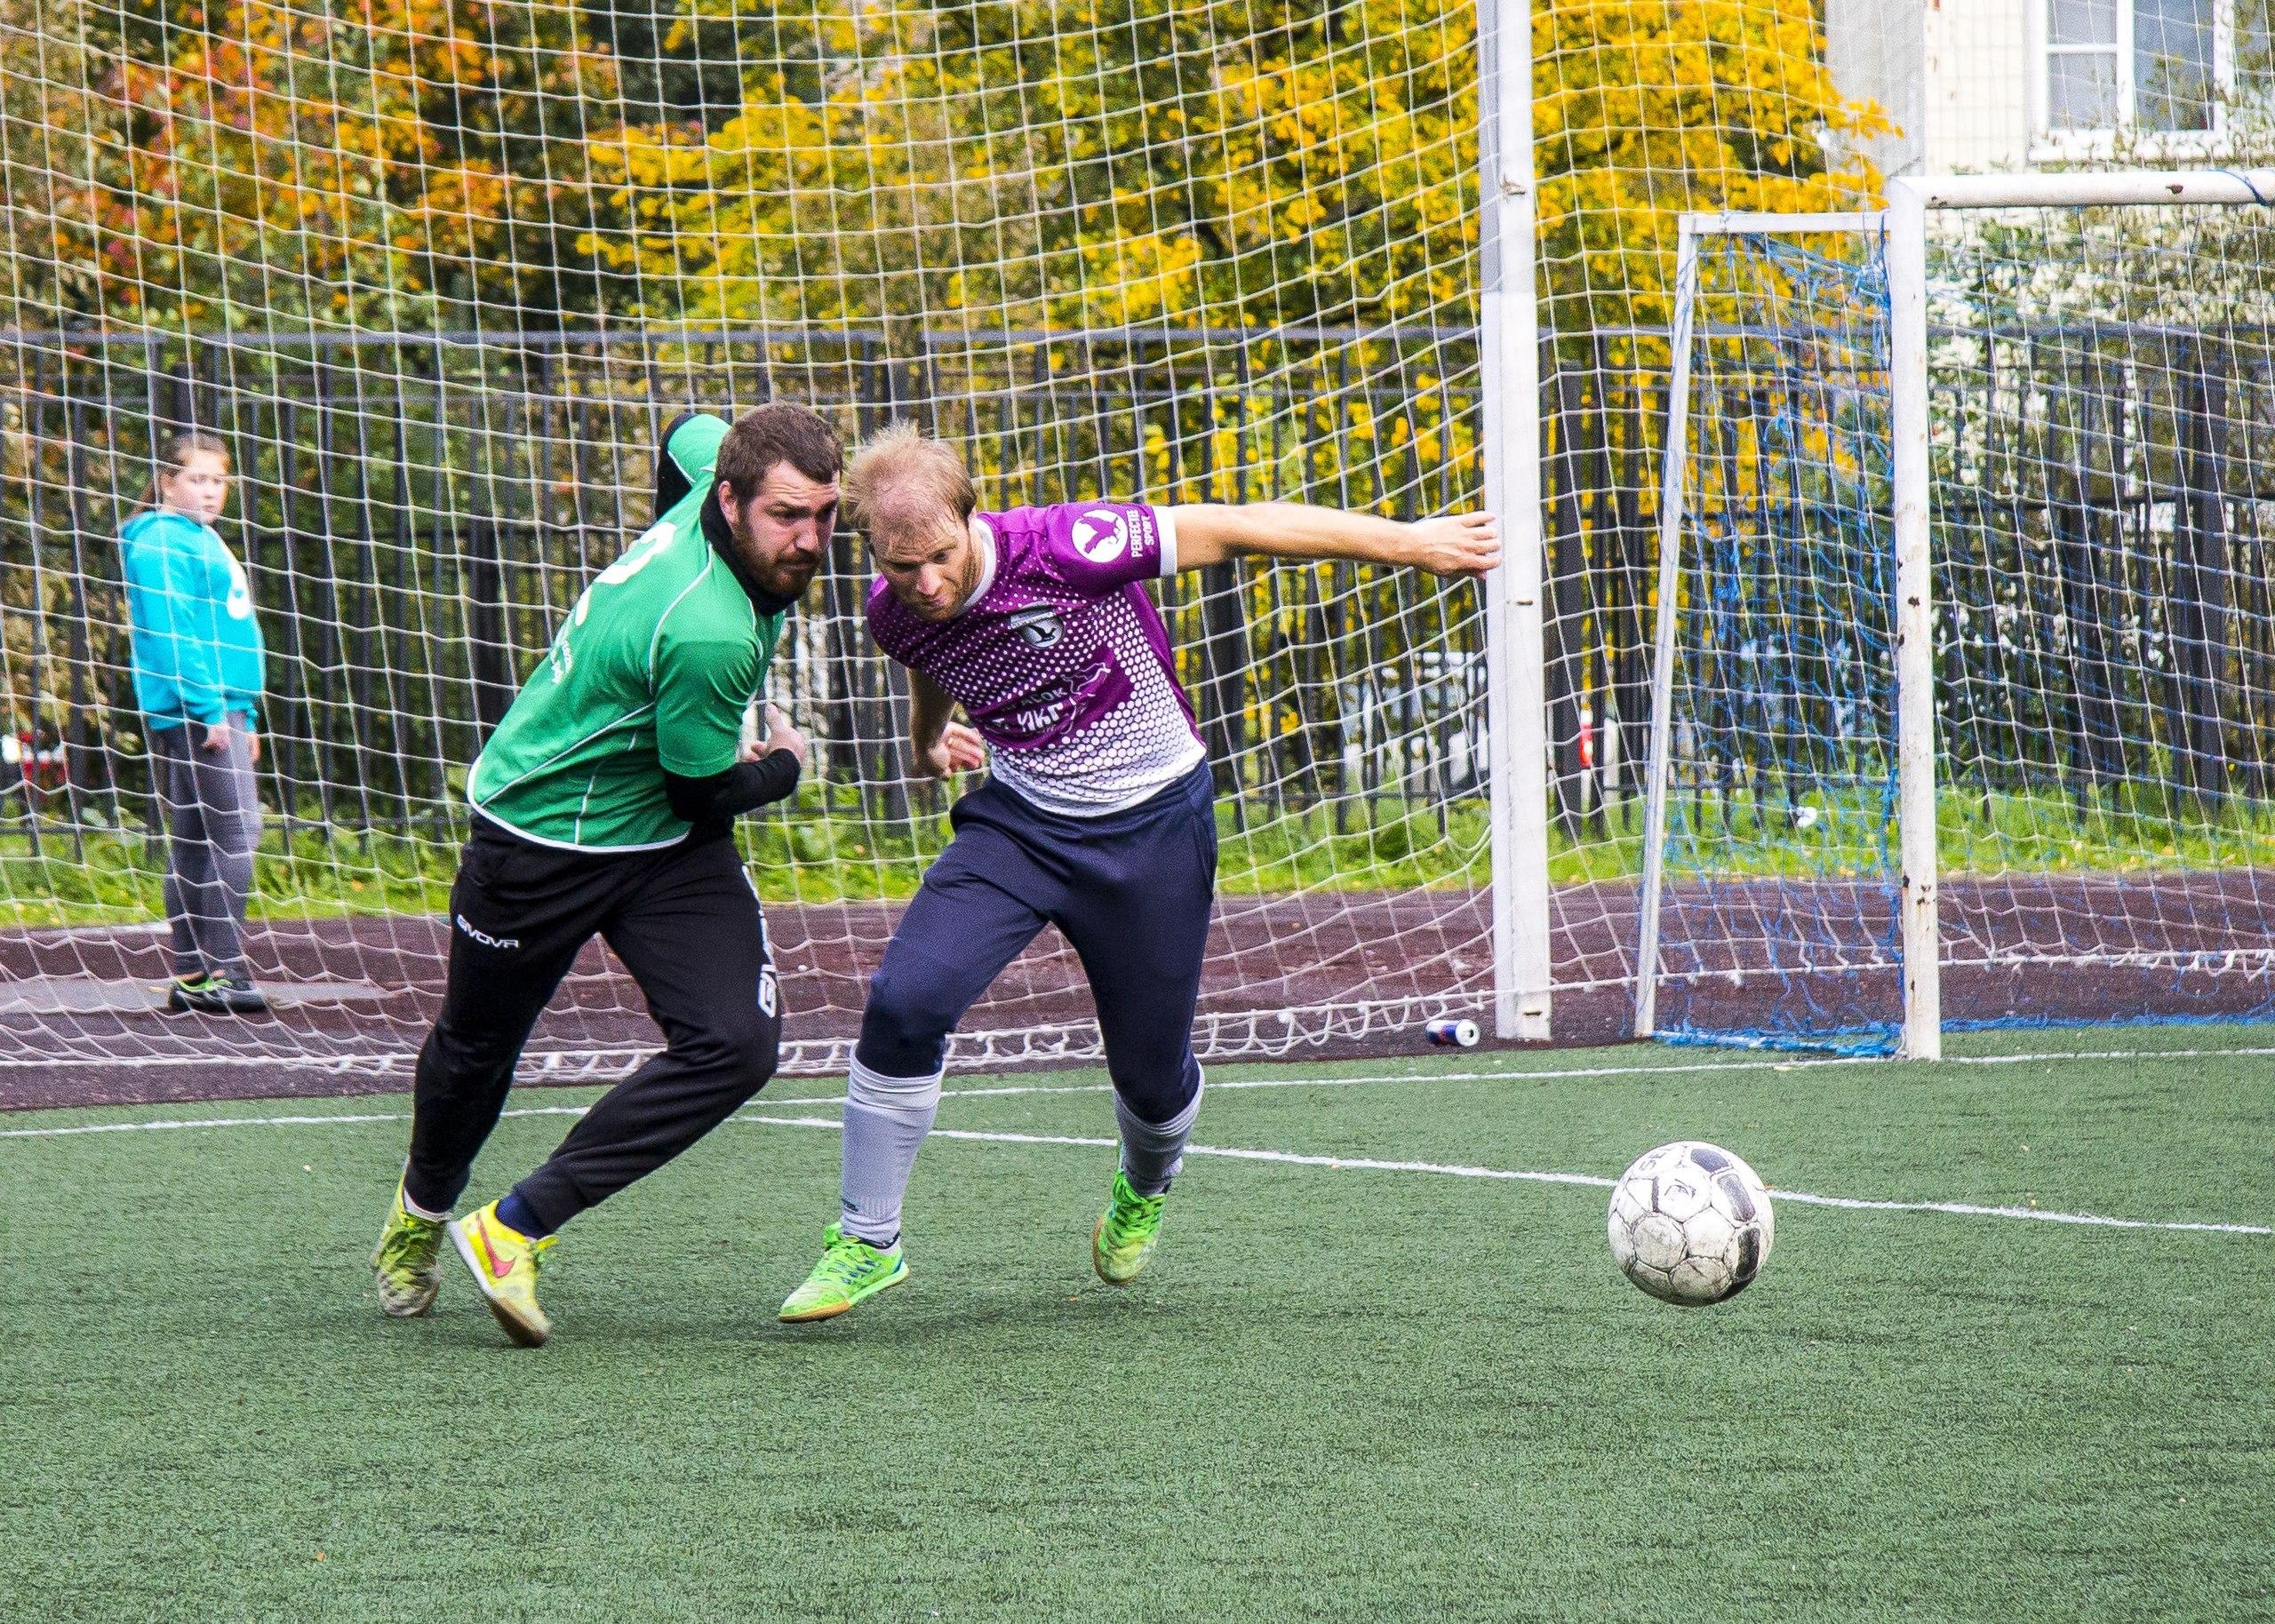 Илья Ульяненков (Олимп) и Александр Локшин (Поворники) сцепились в борьбе за мяч. Победу праздновал более опытный игрок!